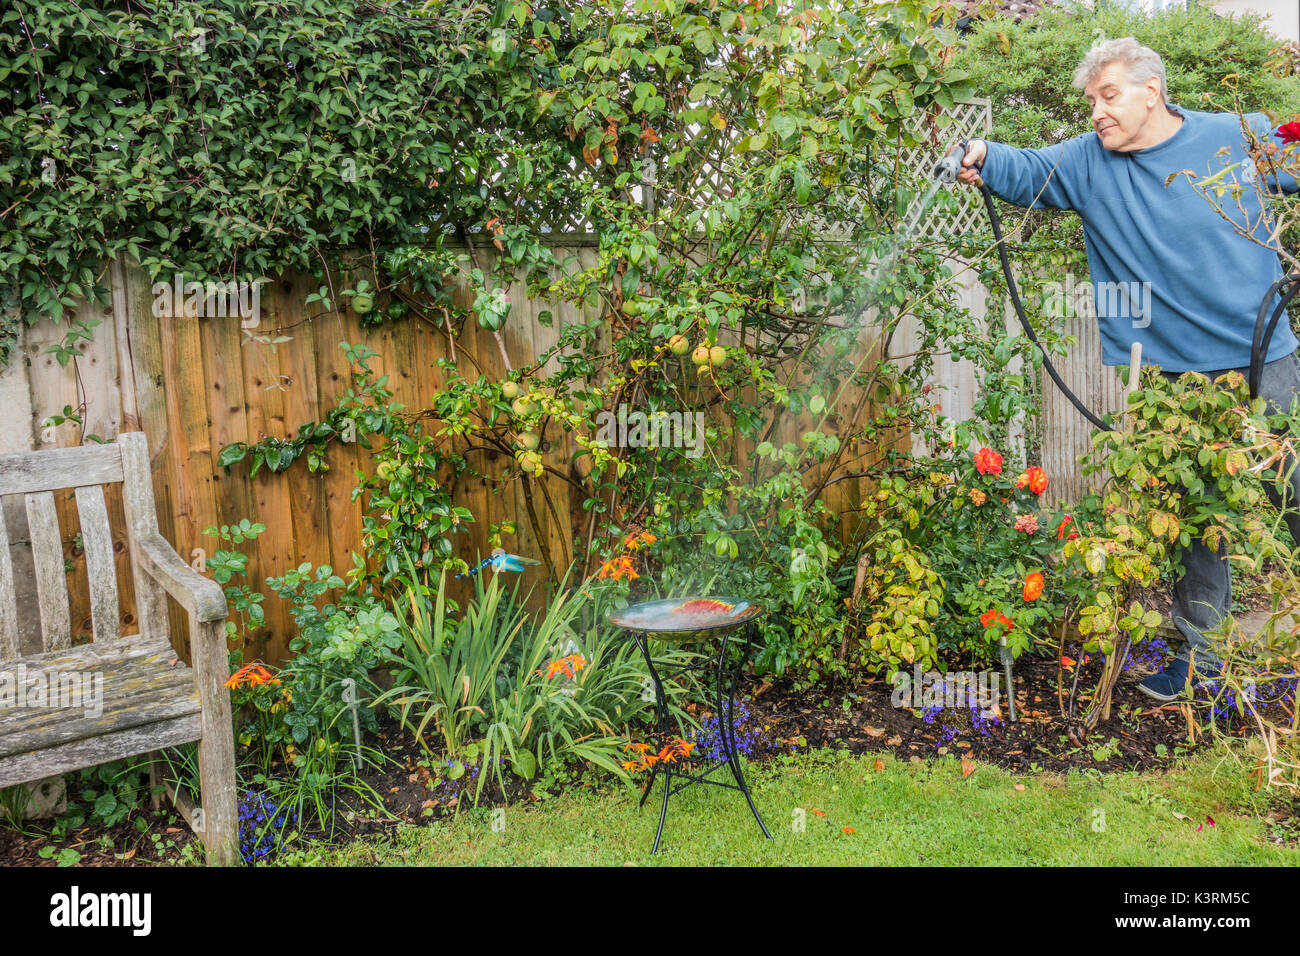 hose garden wet spray stock photos u0026 hose garden wet spray stock